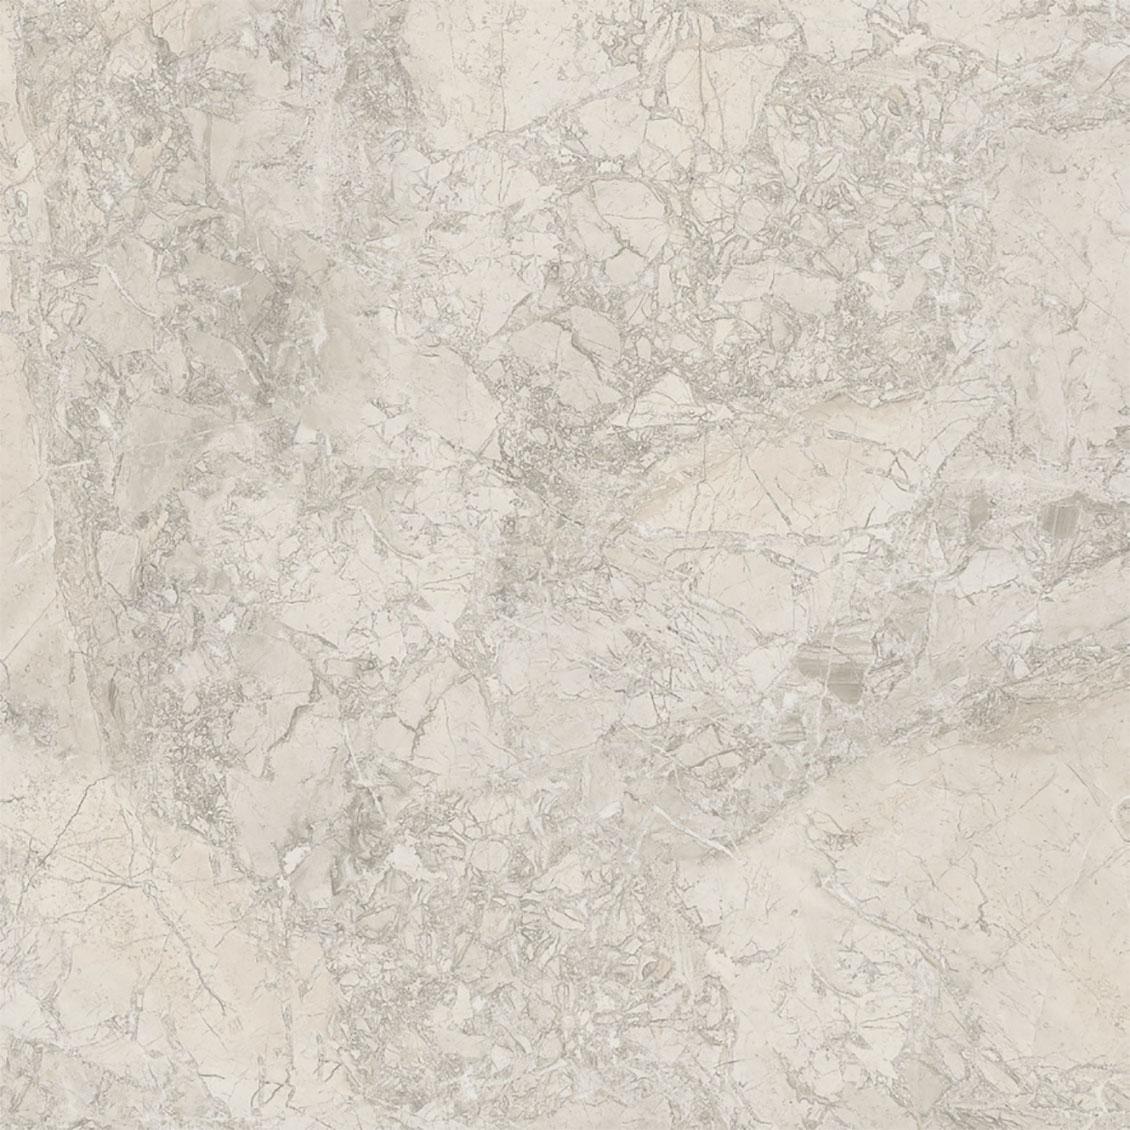 Купить Керамогранит Fanal Sabana Marfil NPlus 75x75, Испания